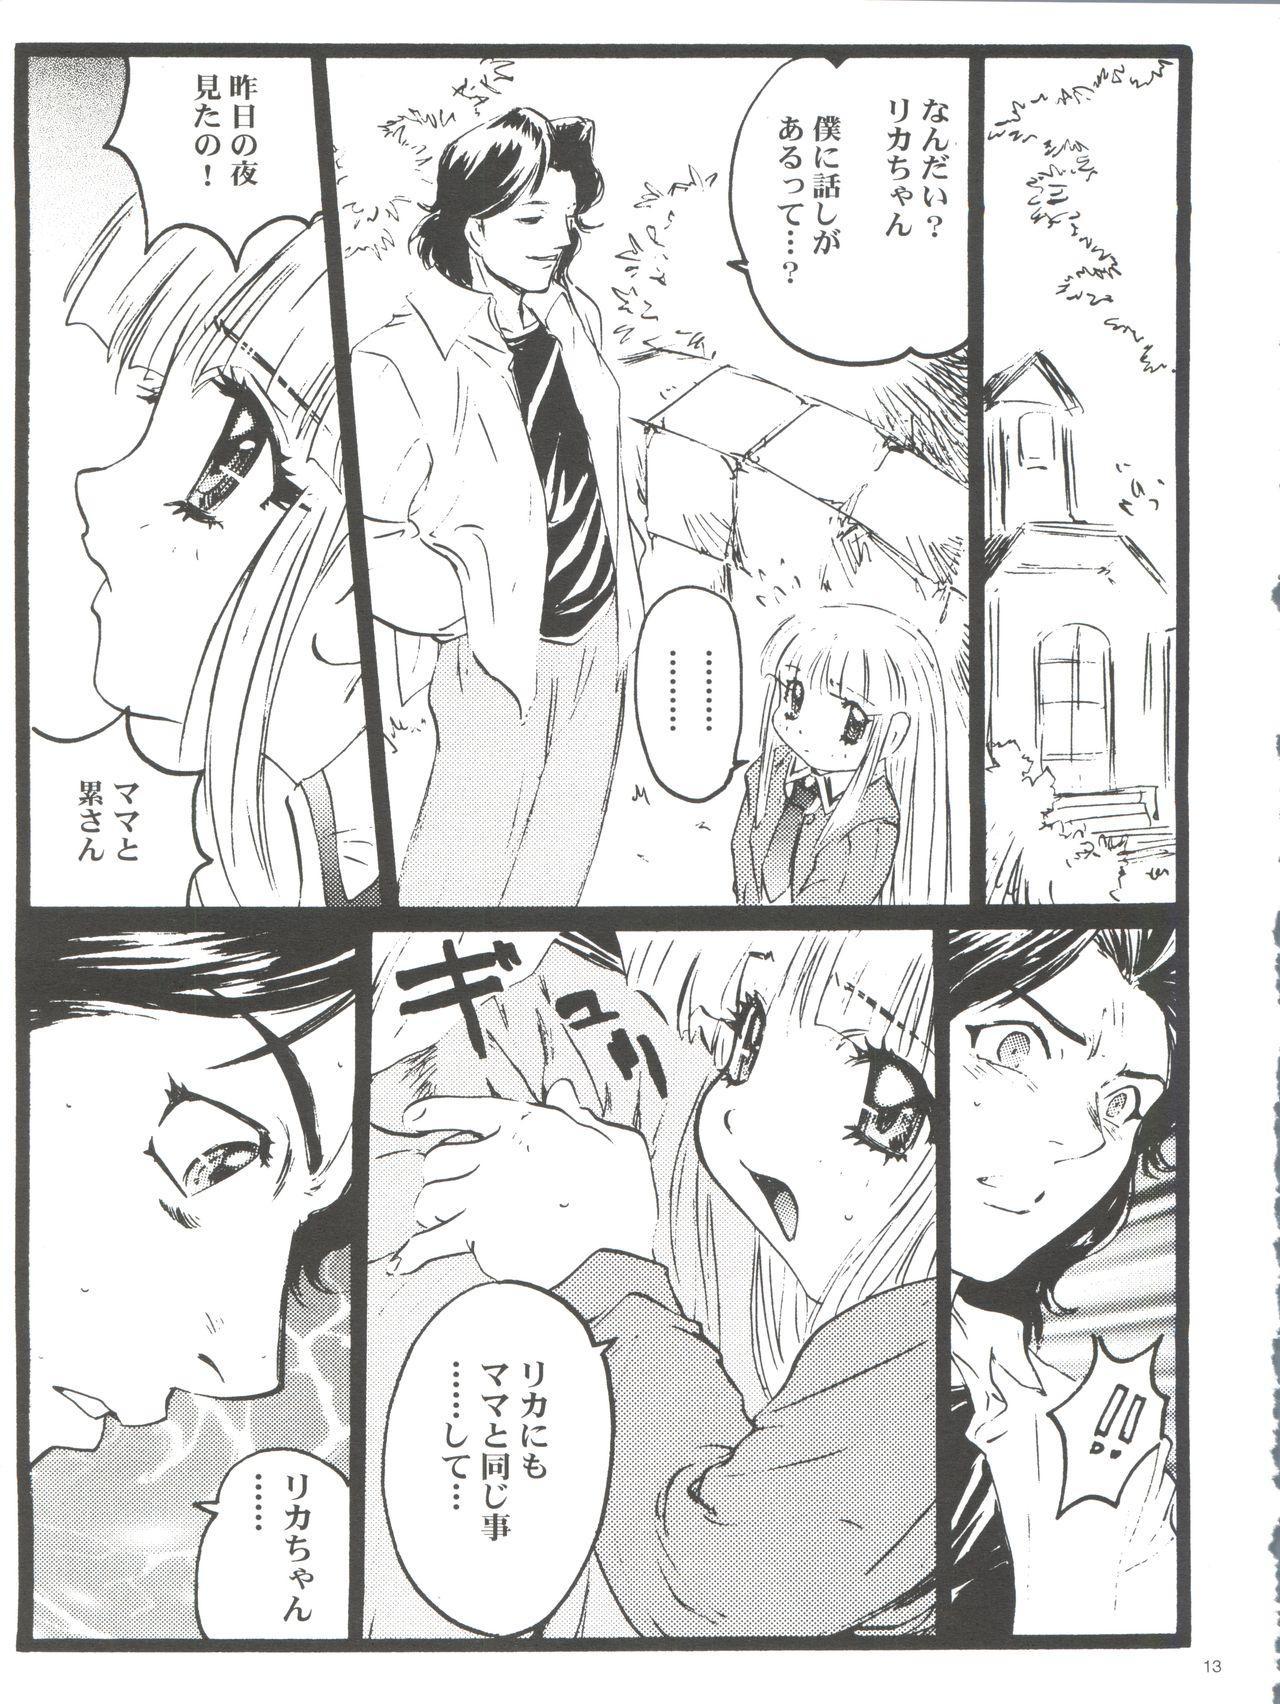 Wanpaku Anime Daihyakka Nanno Koto Jisensyuu Vol. 1 14